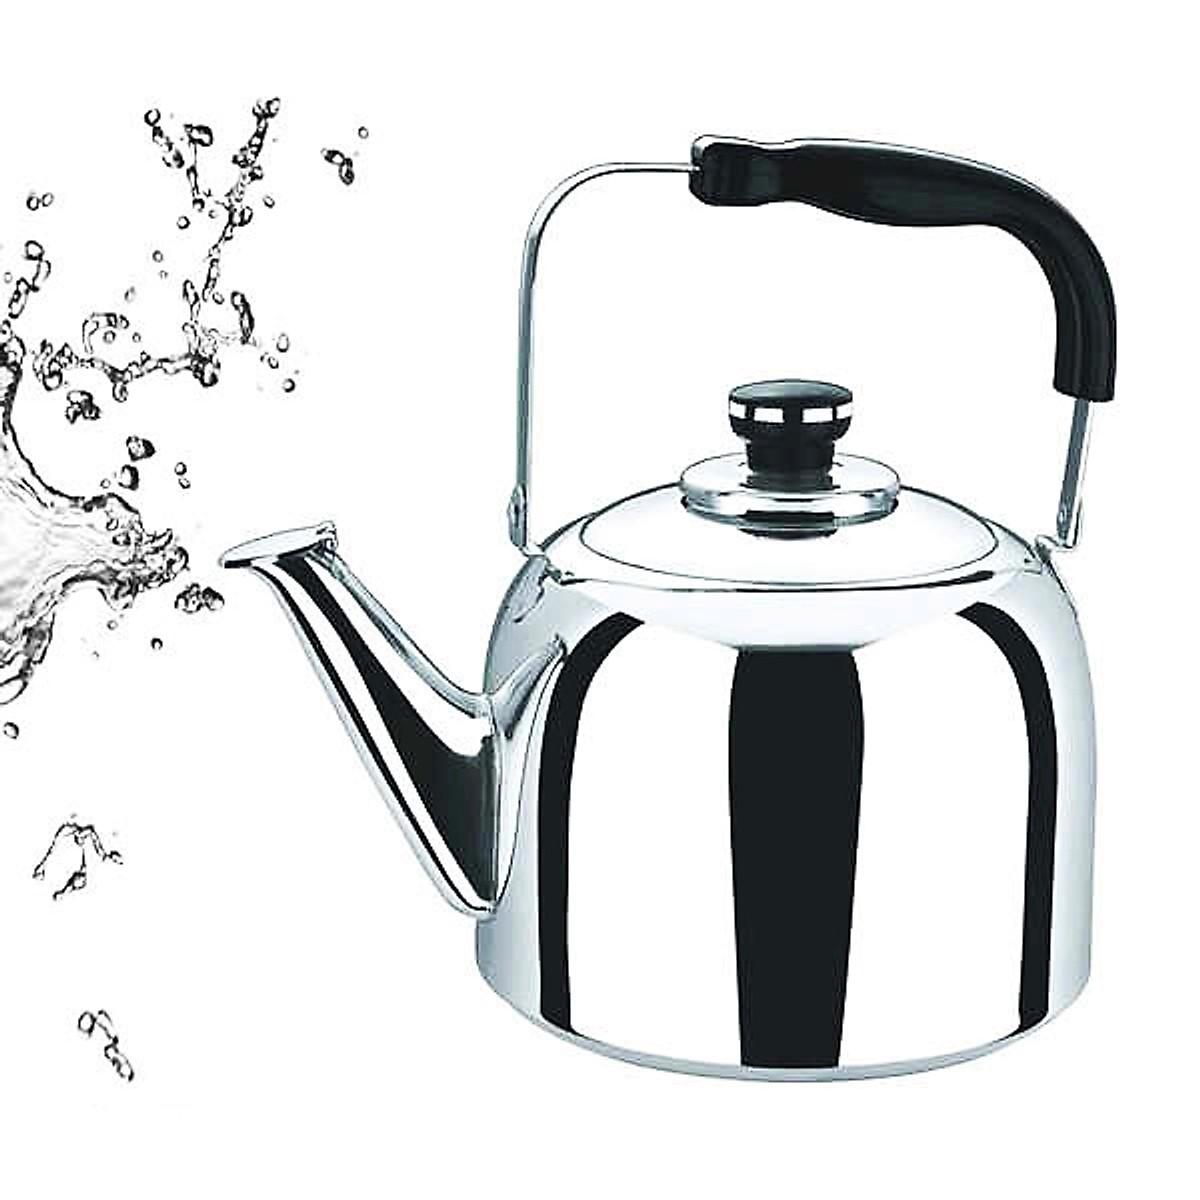 Ấm đun nước Inox báo còi khi nước sôi 2,5L